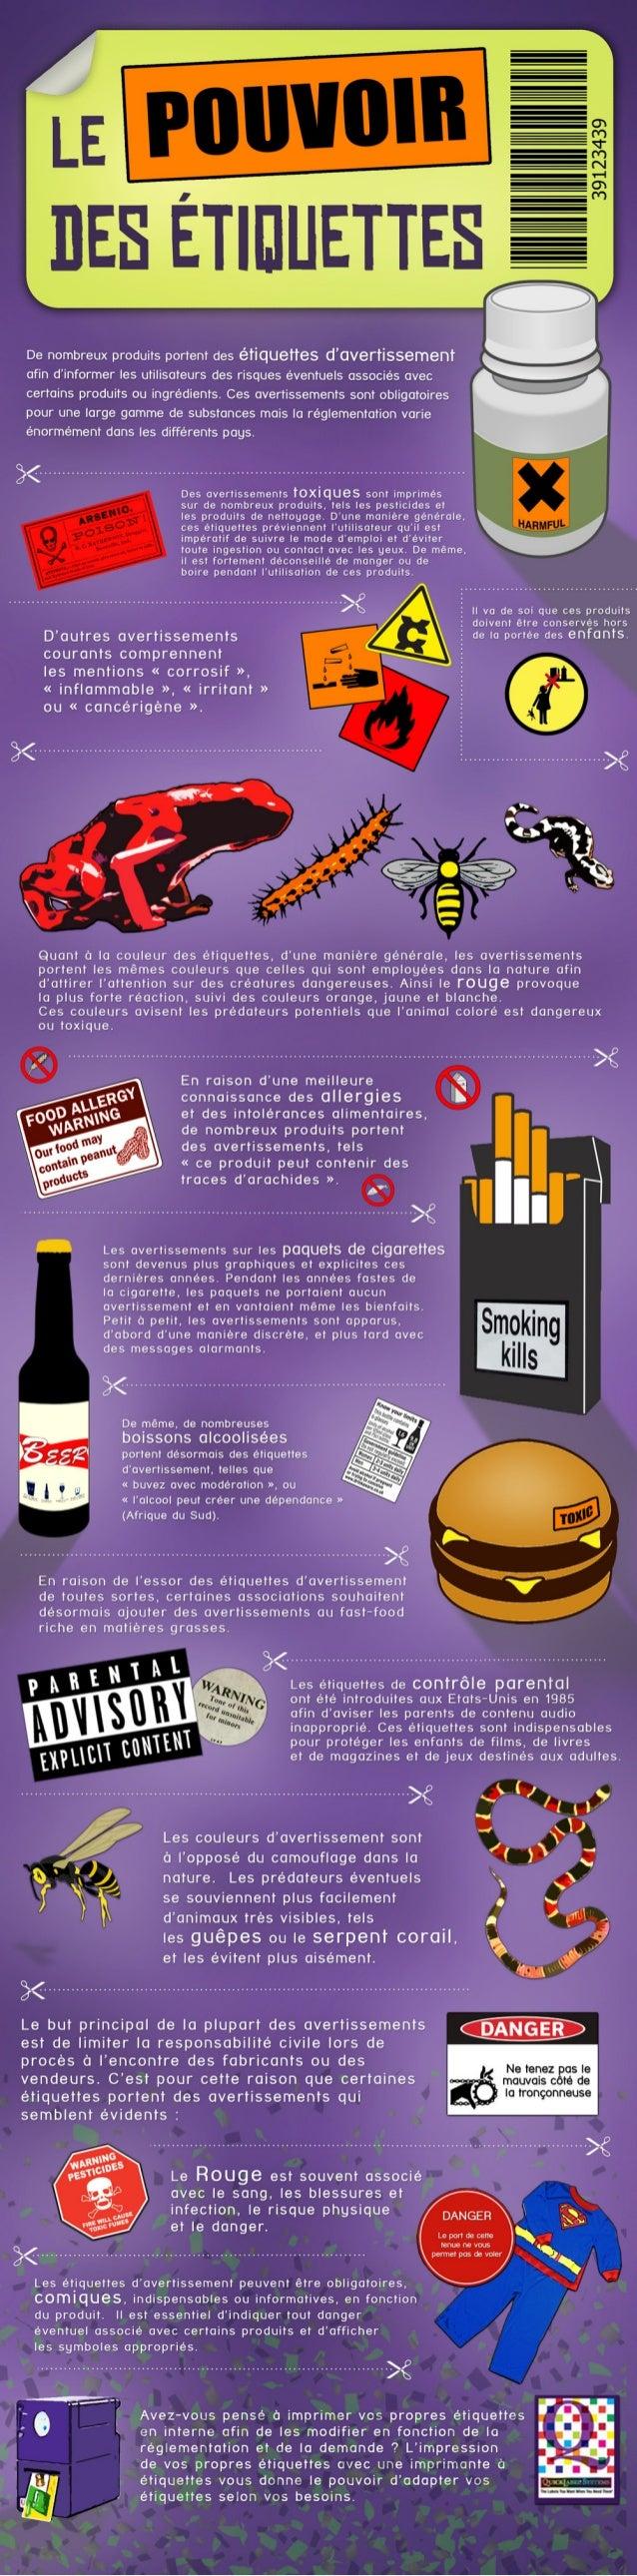 Étiquetage des produits dangereux